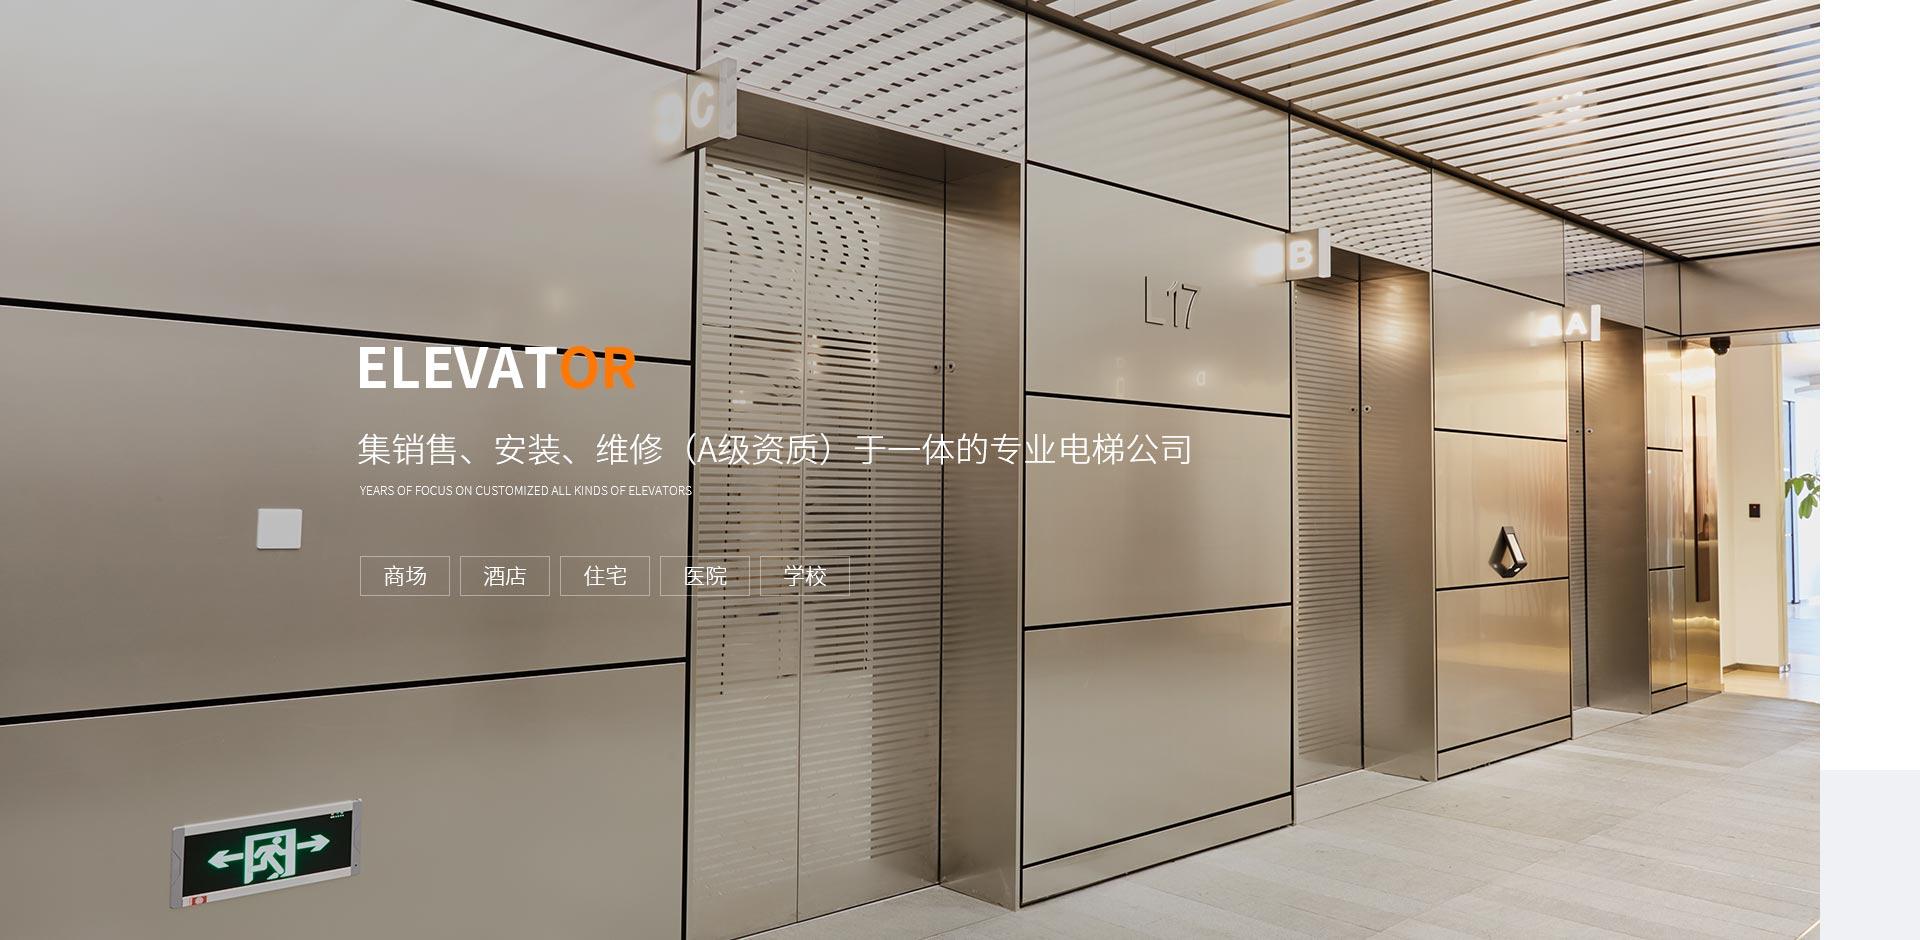 綿陽載貨電梯